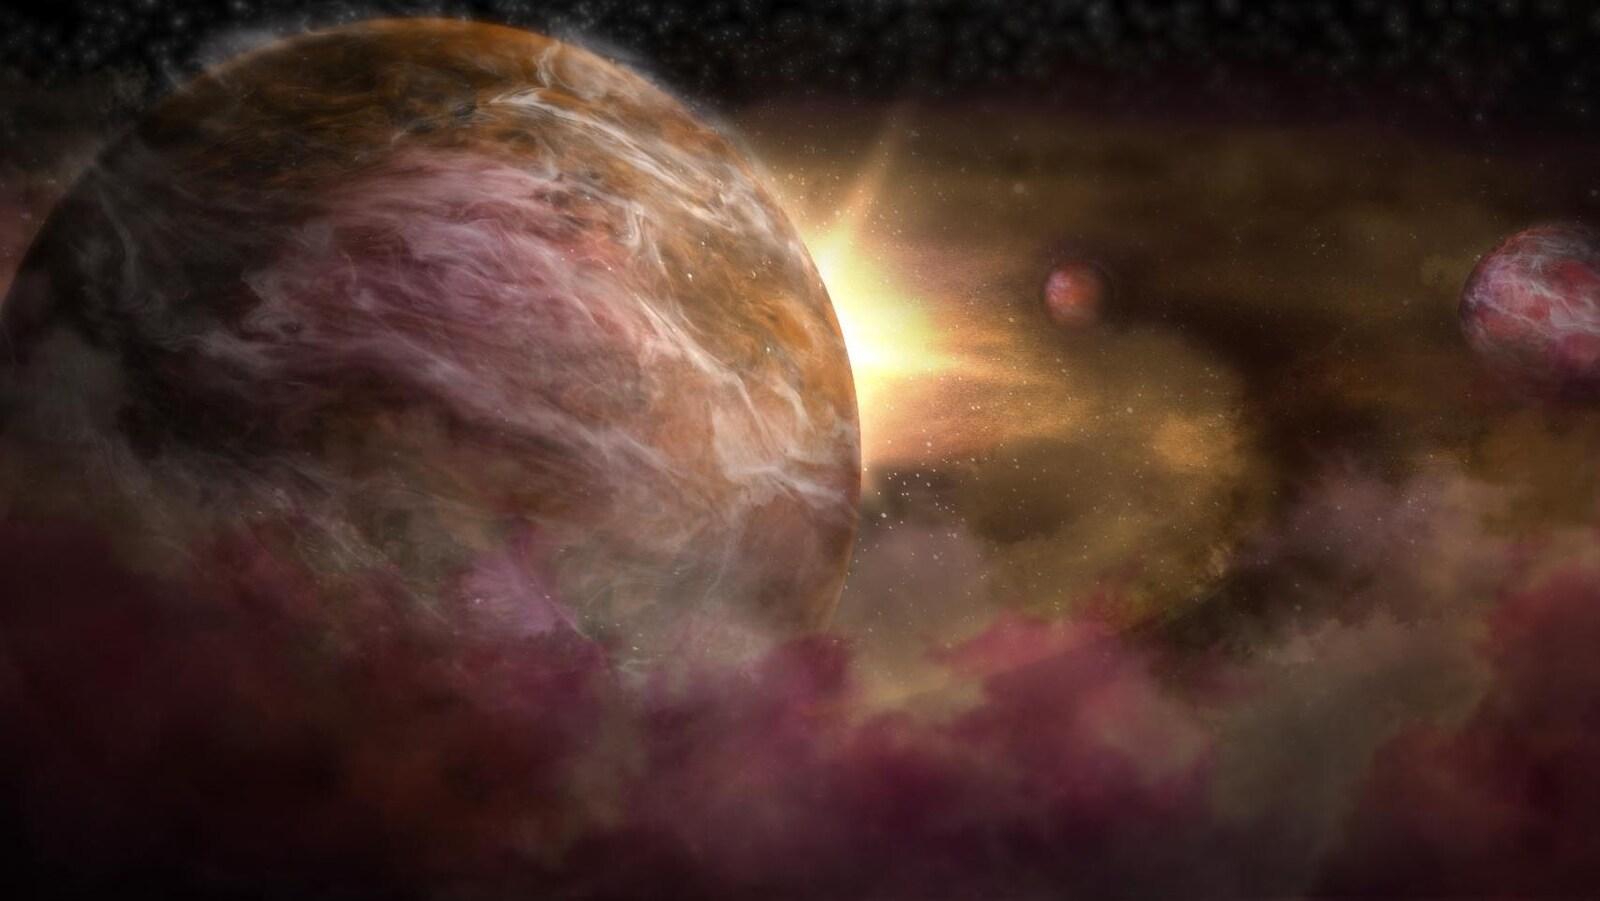 Représentation artistique de protoplanètes en formation autour d'une jeune étoile.